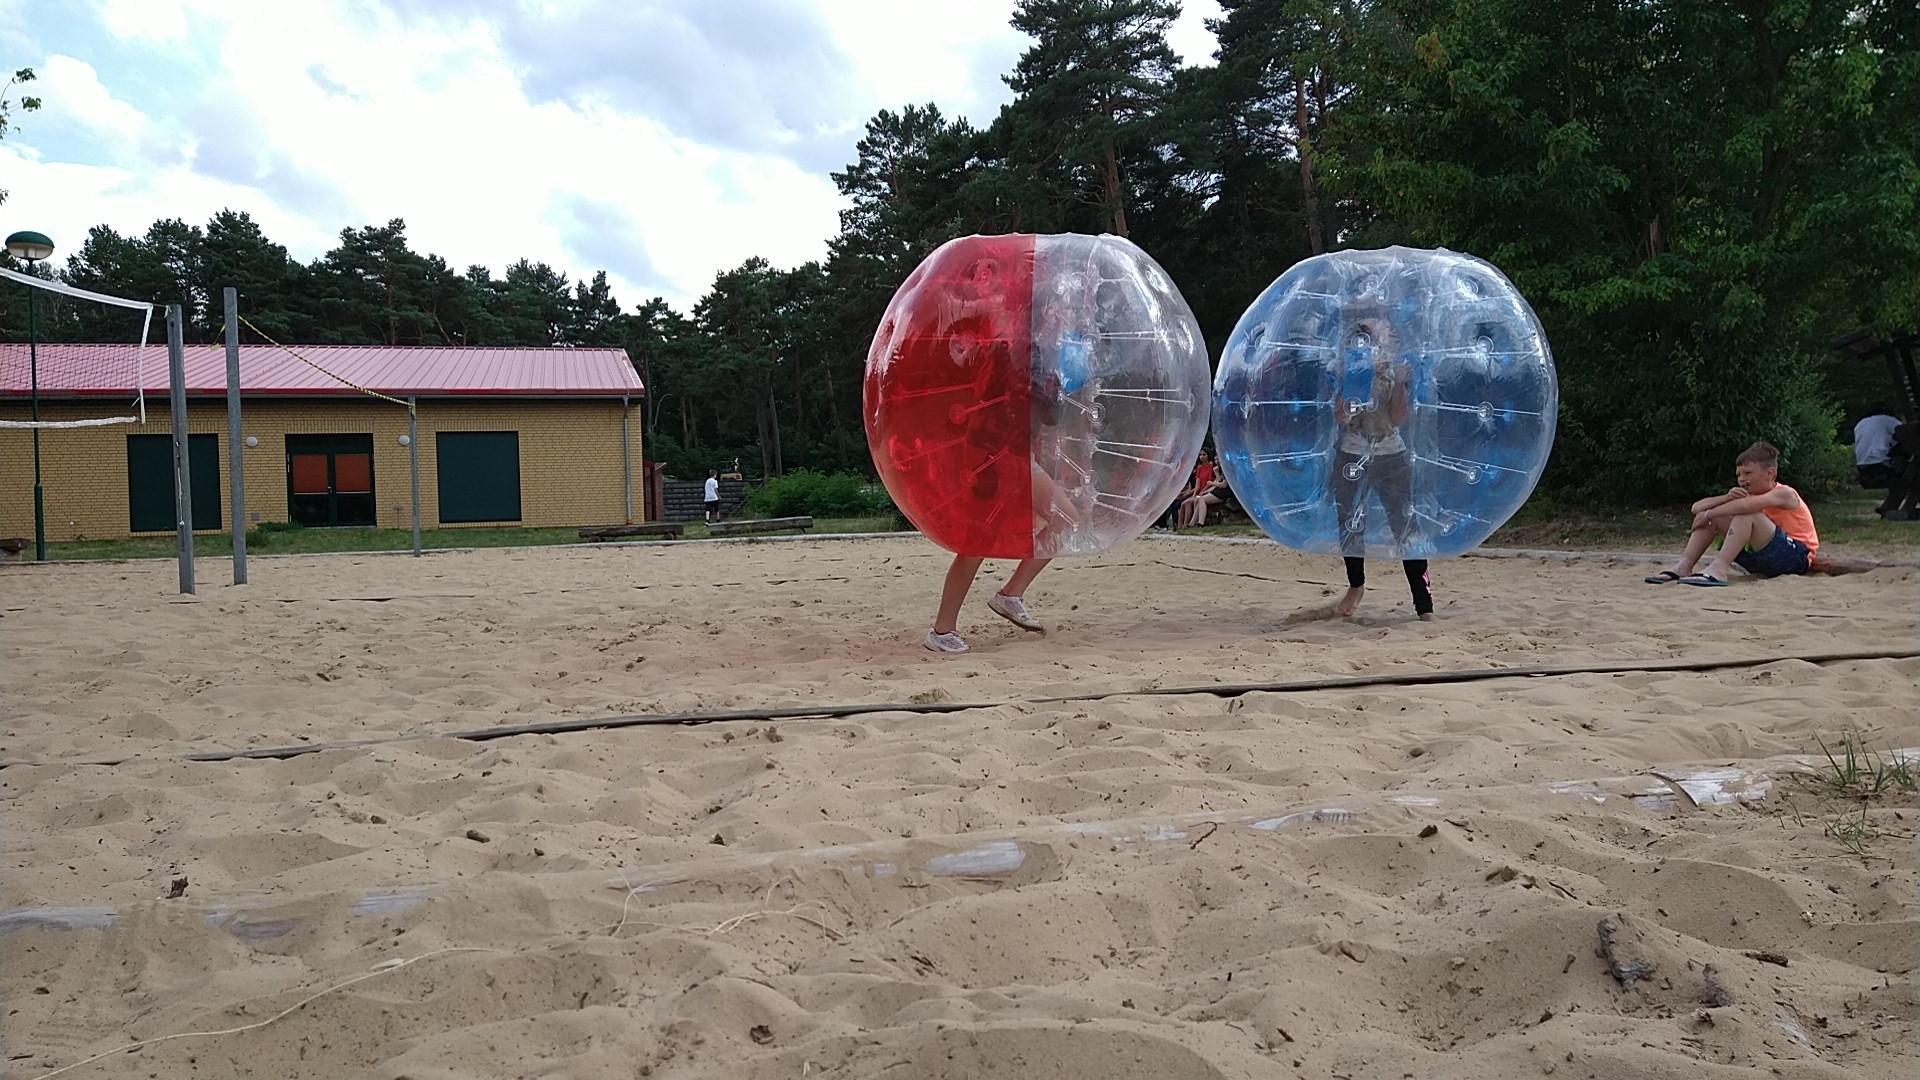 Impressionen aus dem Sommercamp in Arendsee